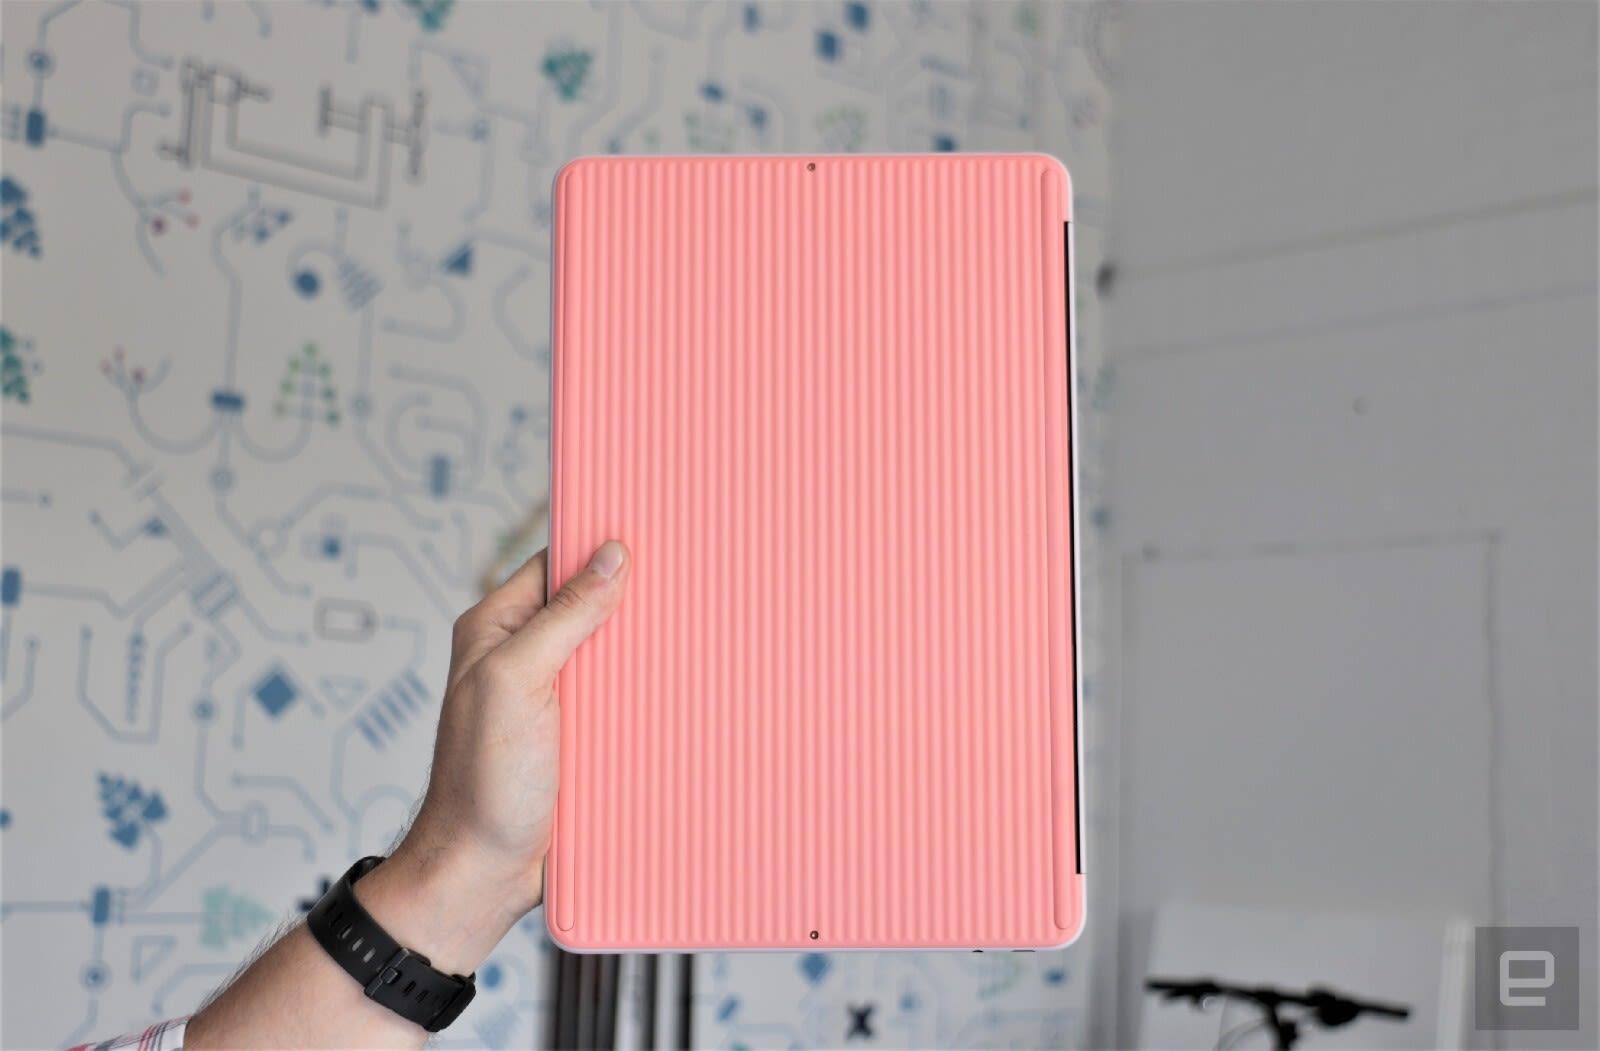 Google Pixelbook Go in Not Pink